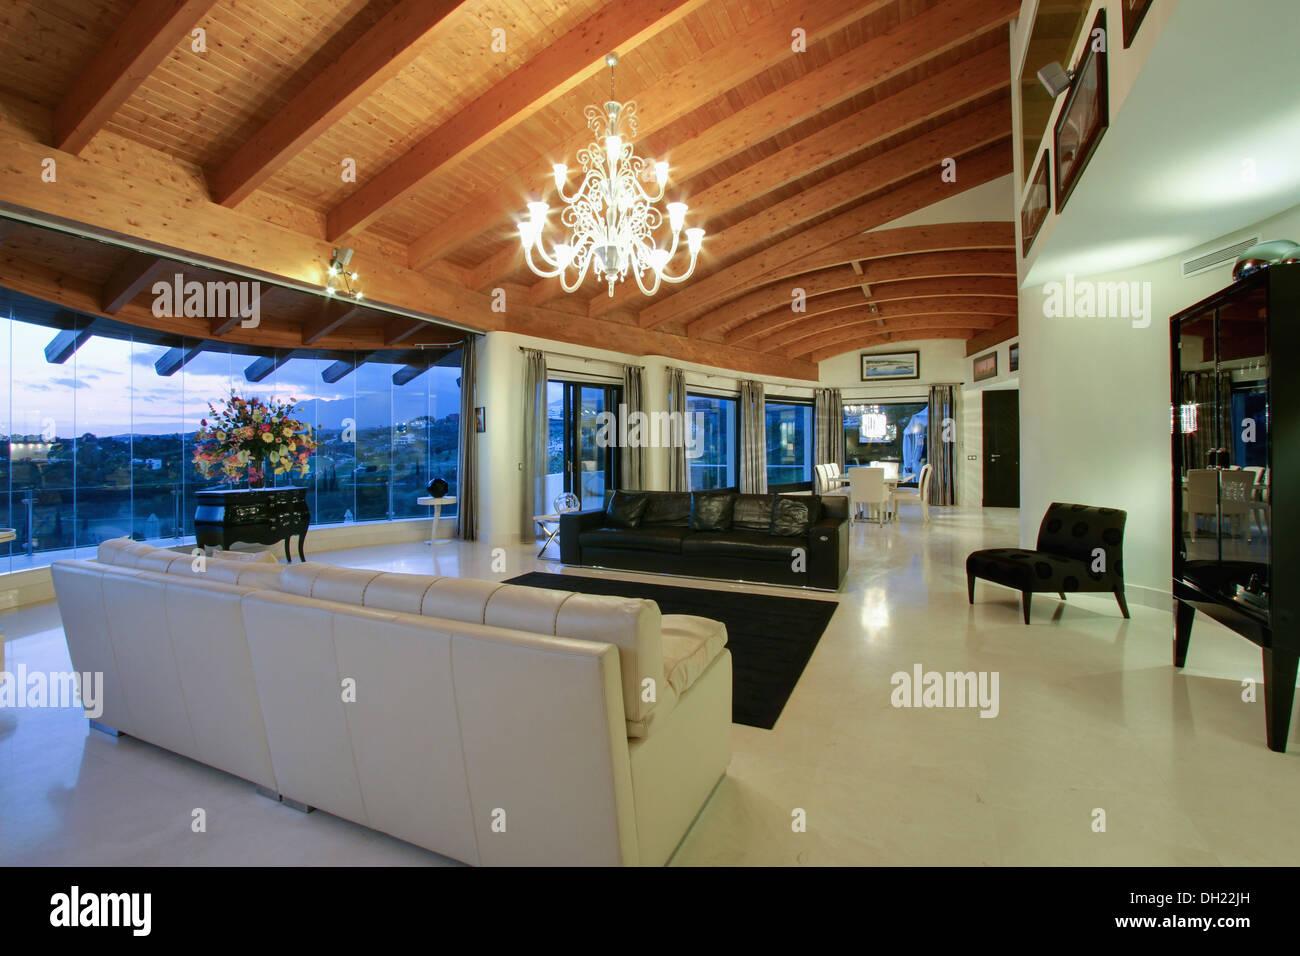 Lampadari Per Soffitti Con Travi In Legno : Lampadario sulla curva soffitto con travi in legno a vista in